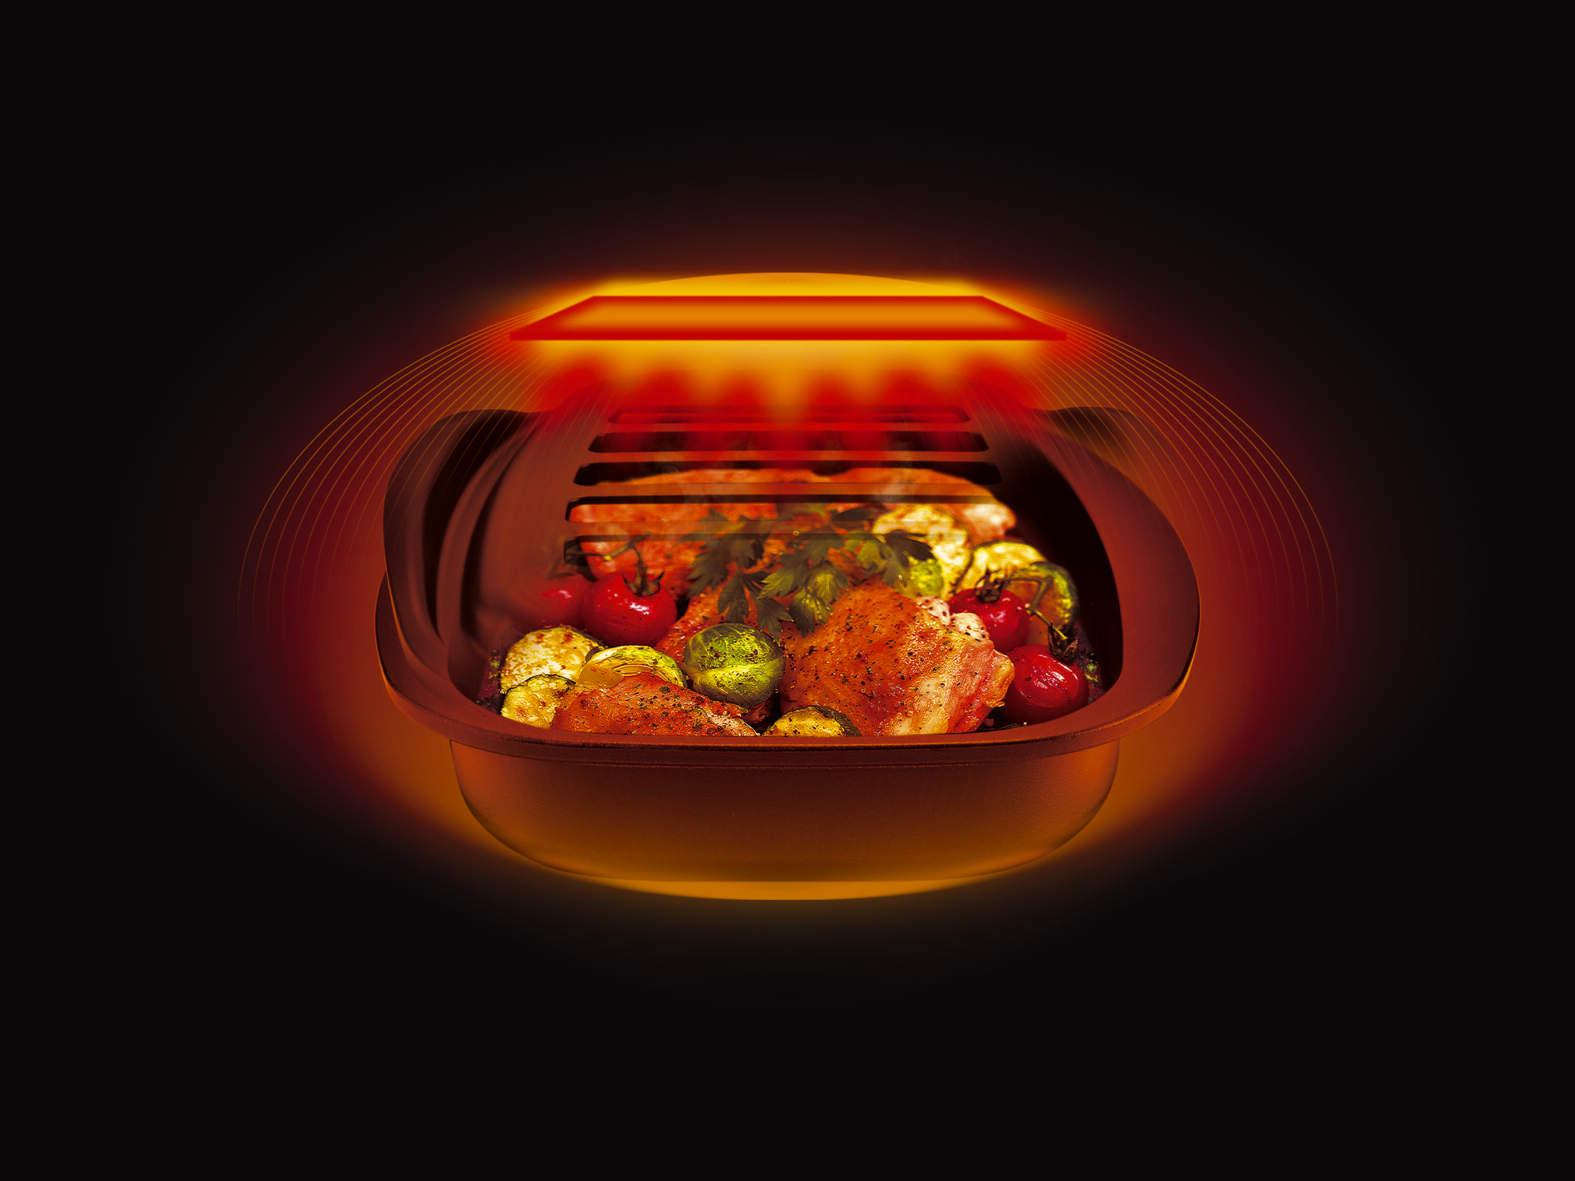 ココットの調理中イメージです